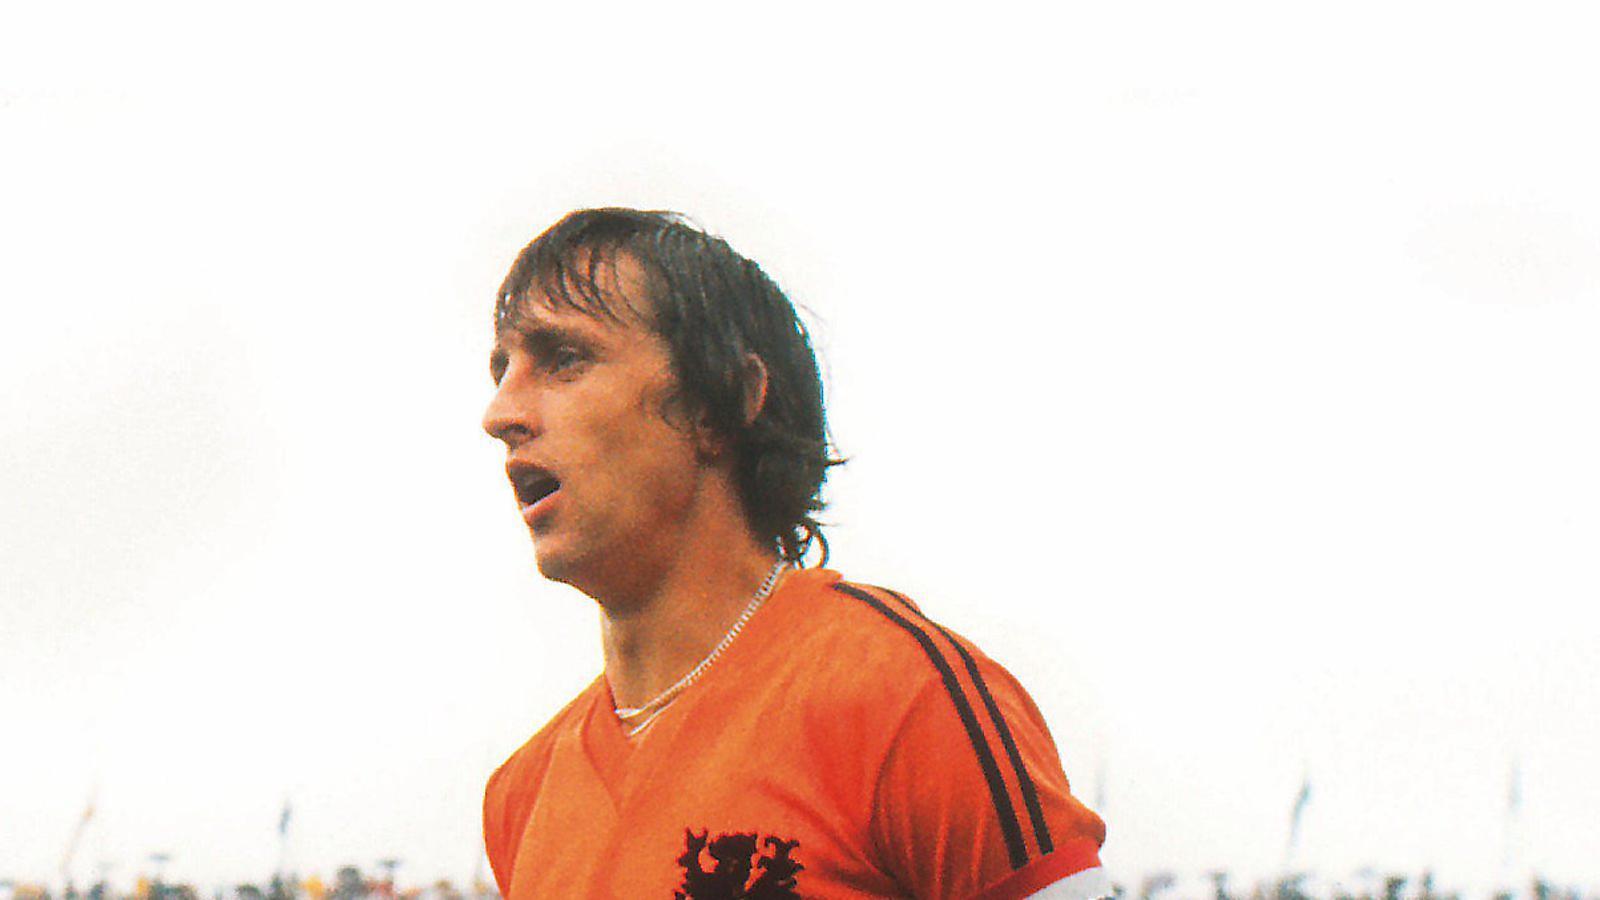 Cruyff, amb la samarreta de la selecció holandesa amb només dues franges a la màniga en lloc de les tres franges de la peça oficial d'Adidas.